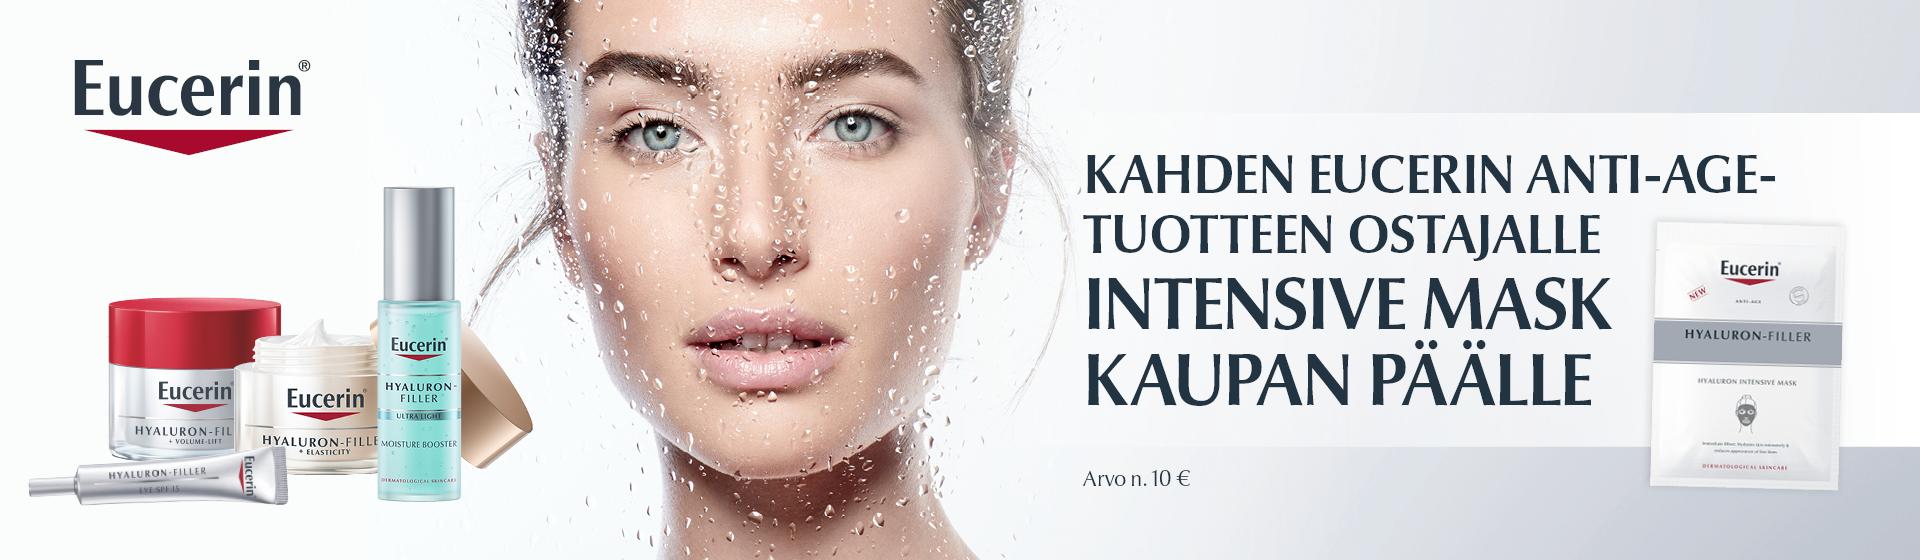 Eucerin Anti-age kampanja